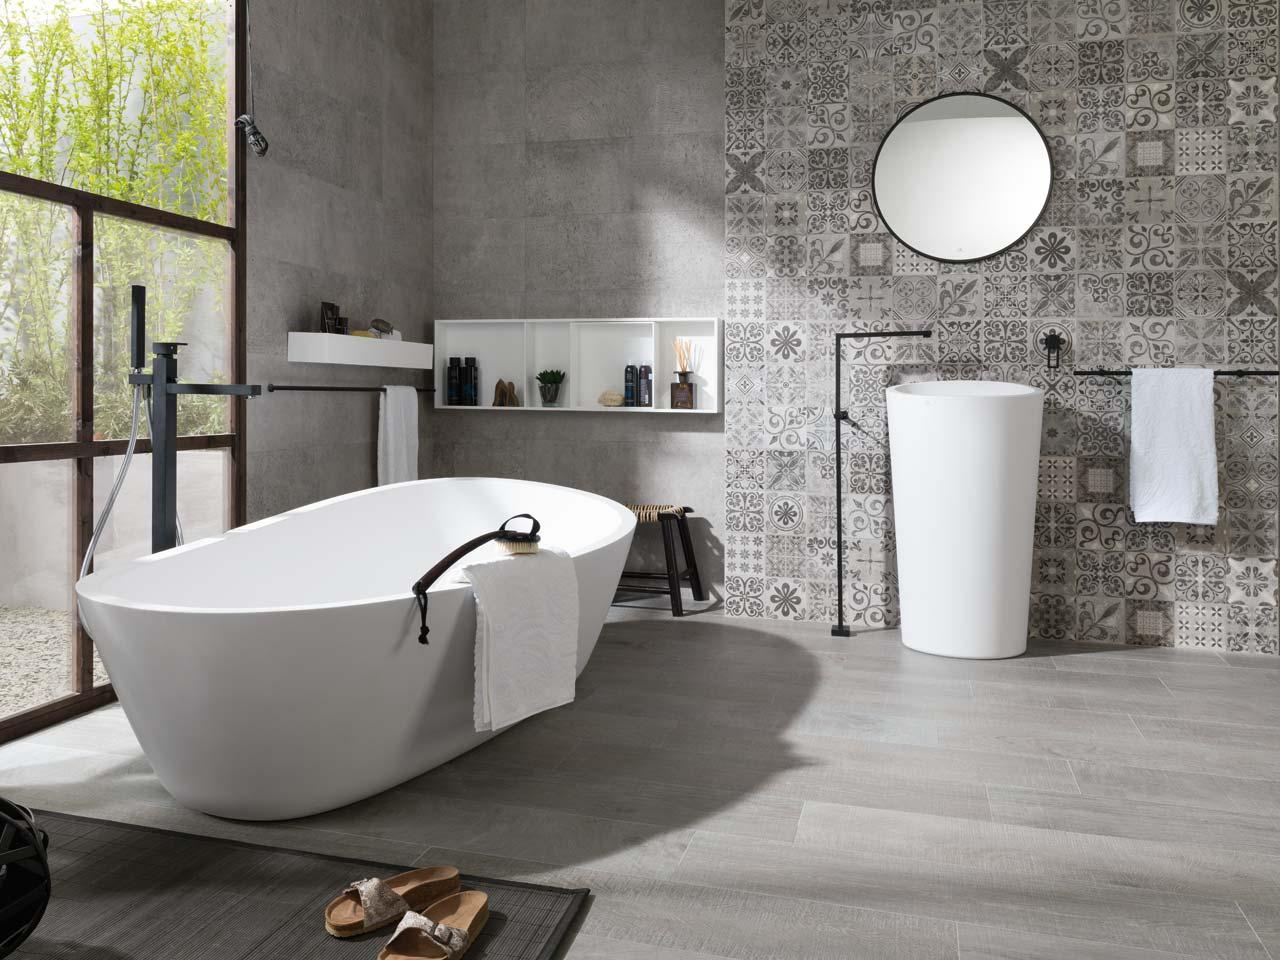 Il decoro arredo bagno e ceramiche salerno